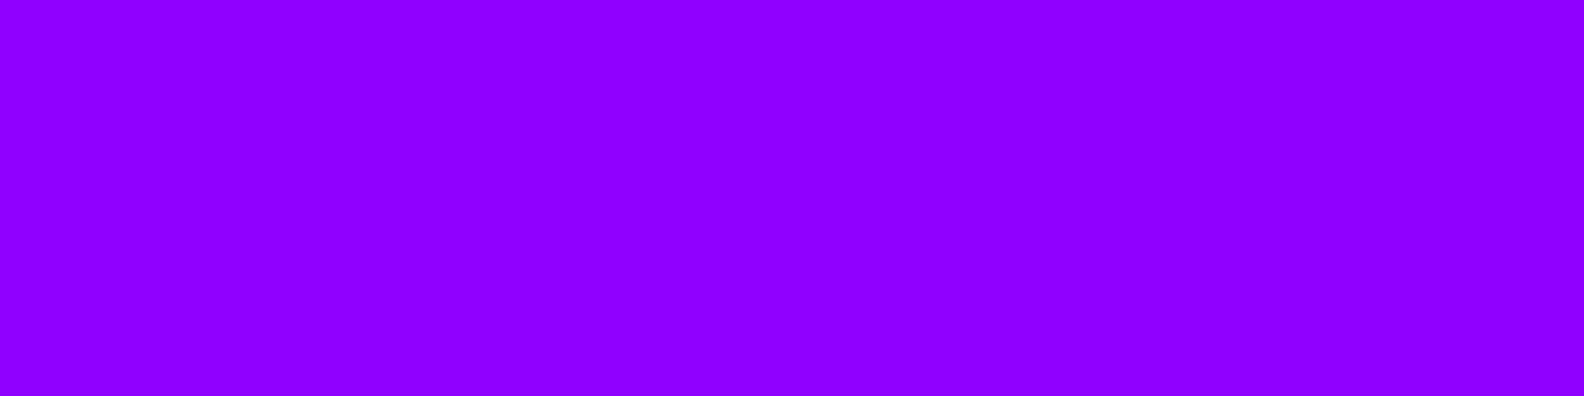 1584x396 Violet Solid Color Background